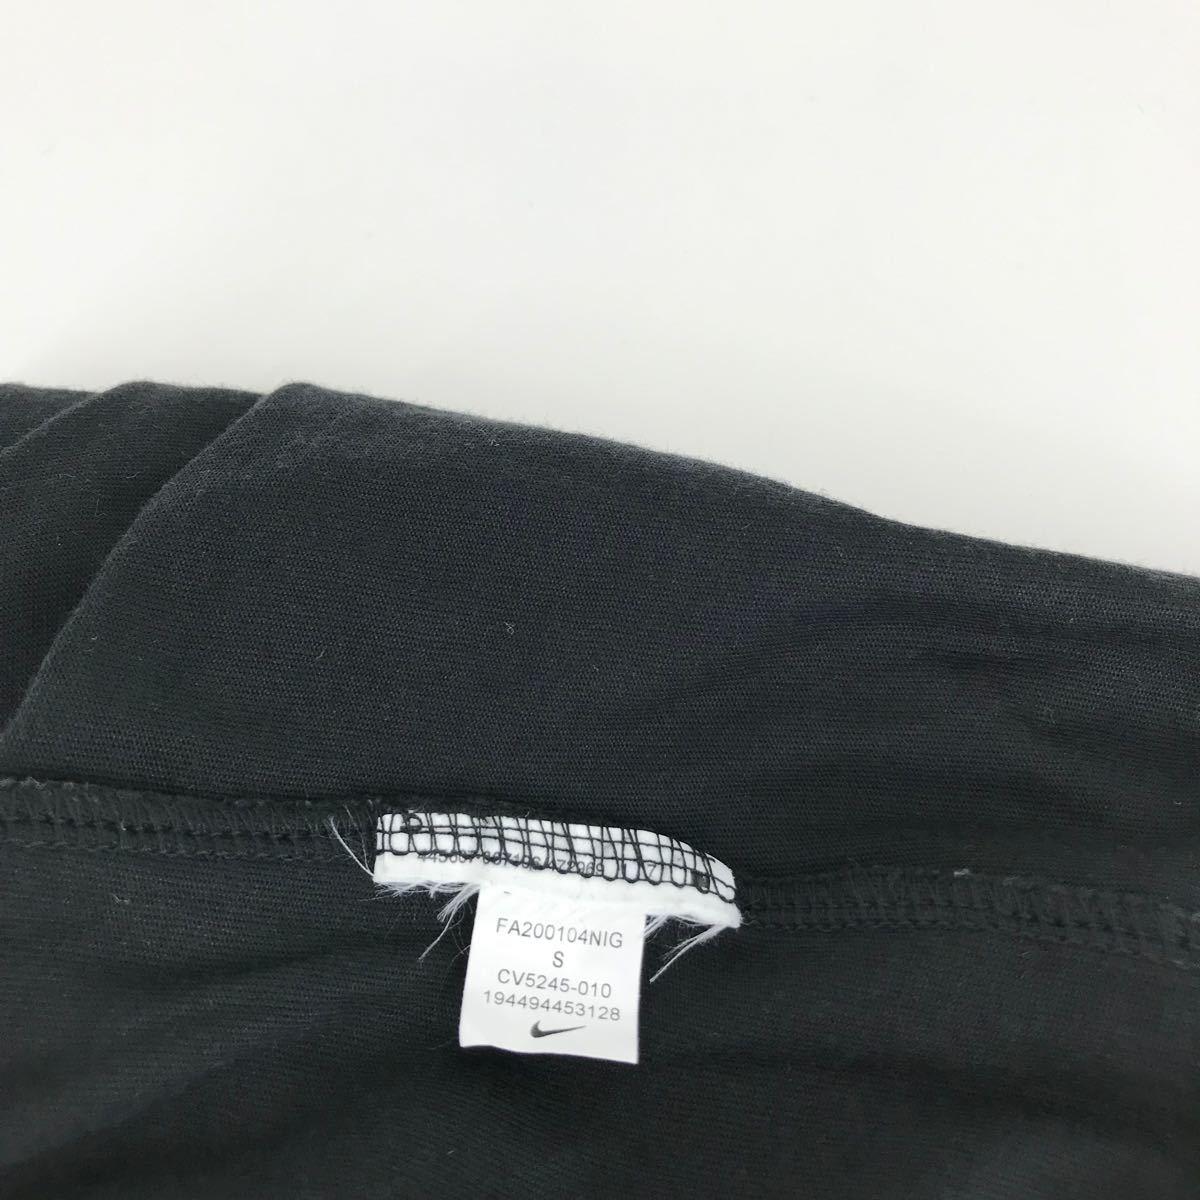 ナイキ NIKE  タンクトップ 黒 ビッグロゴ ドライフィット